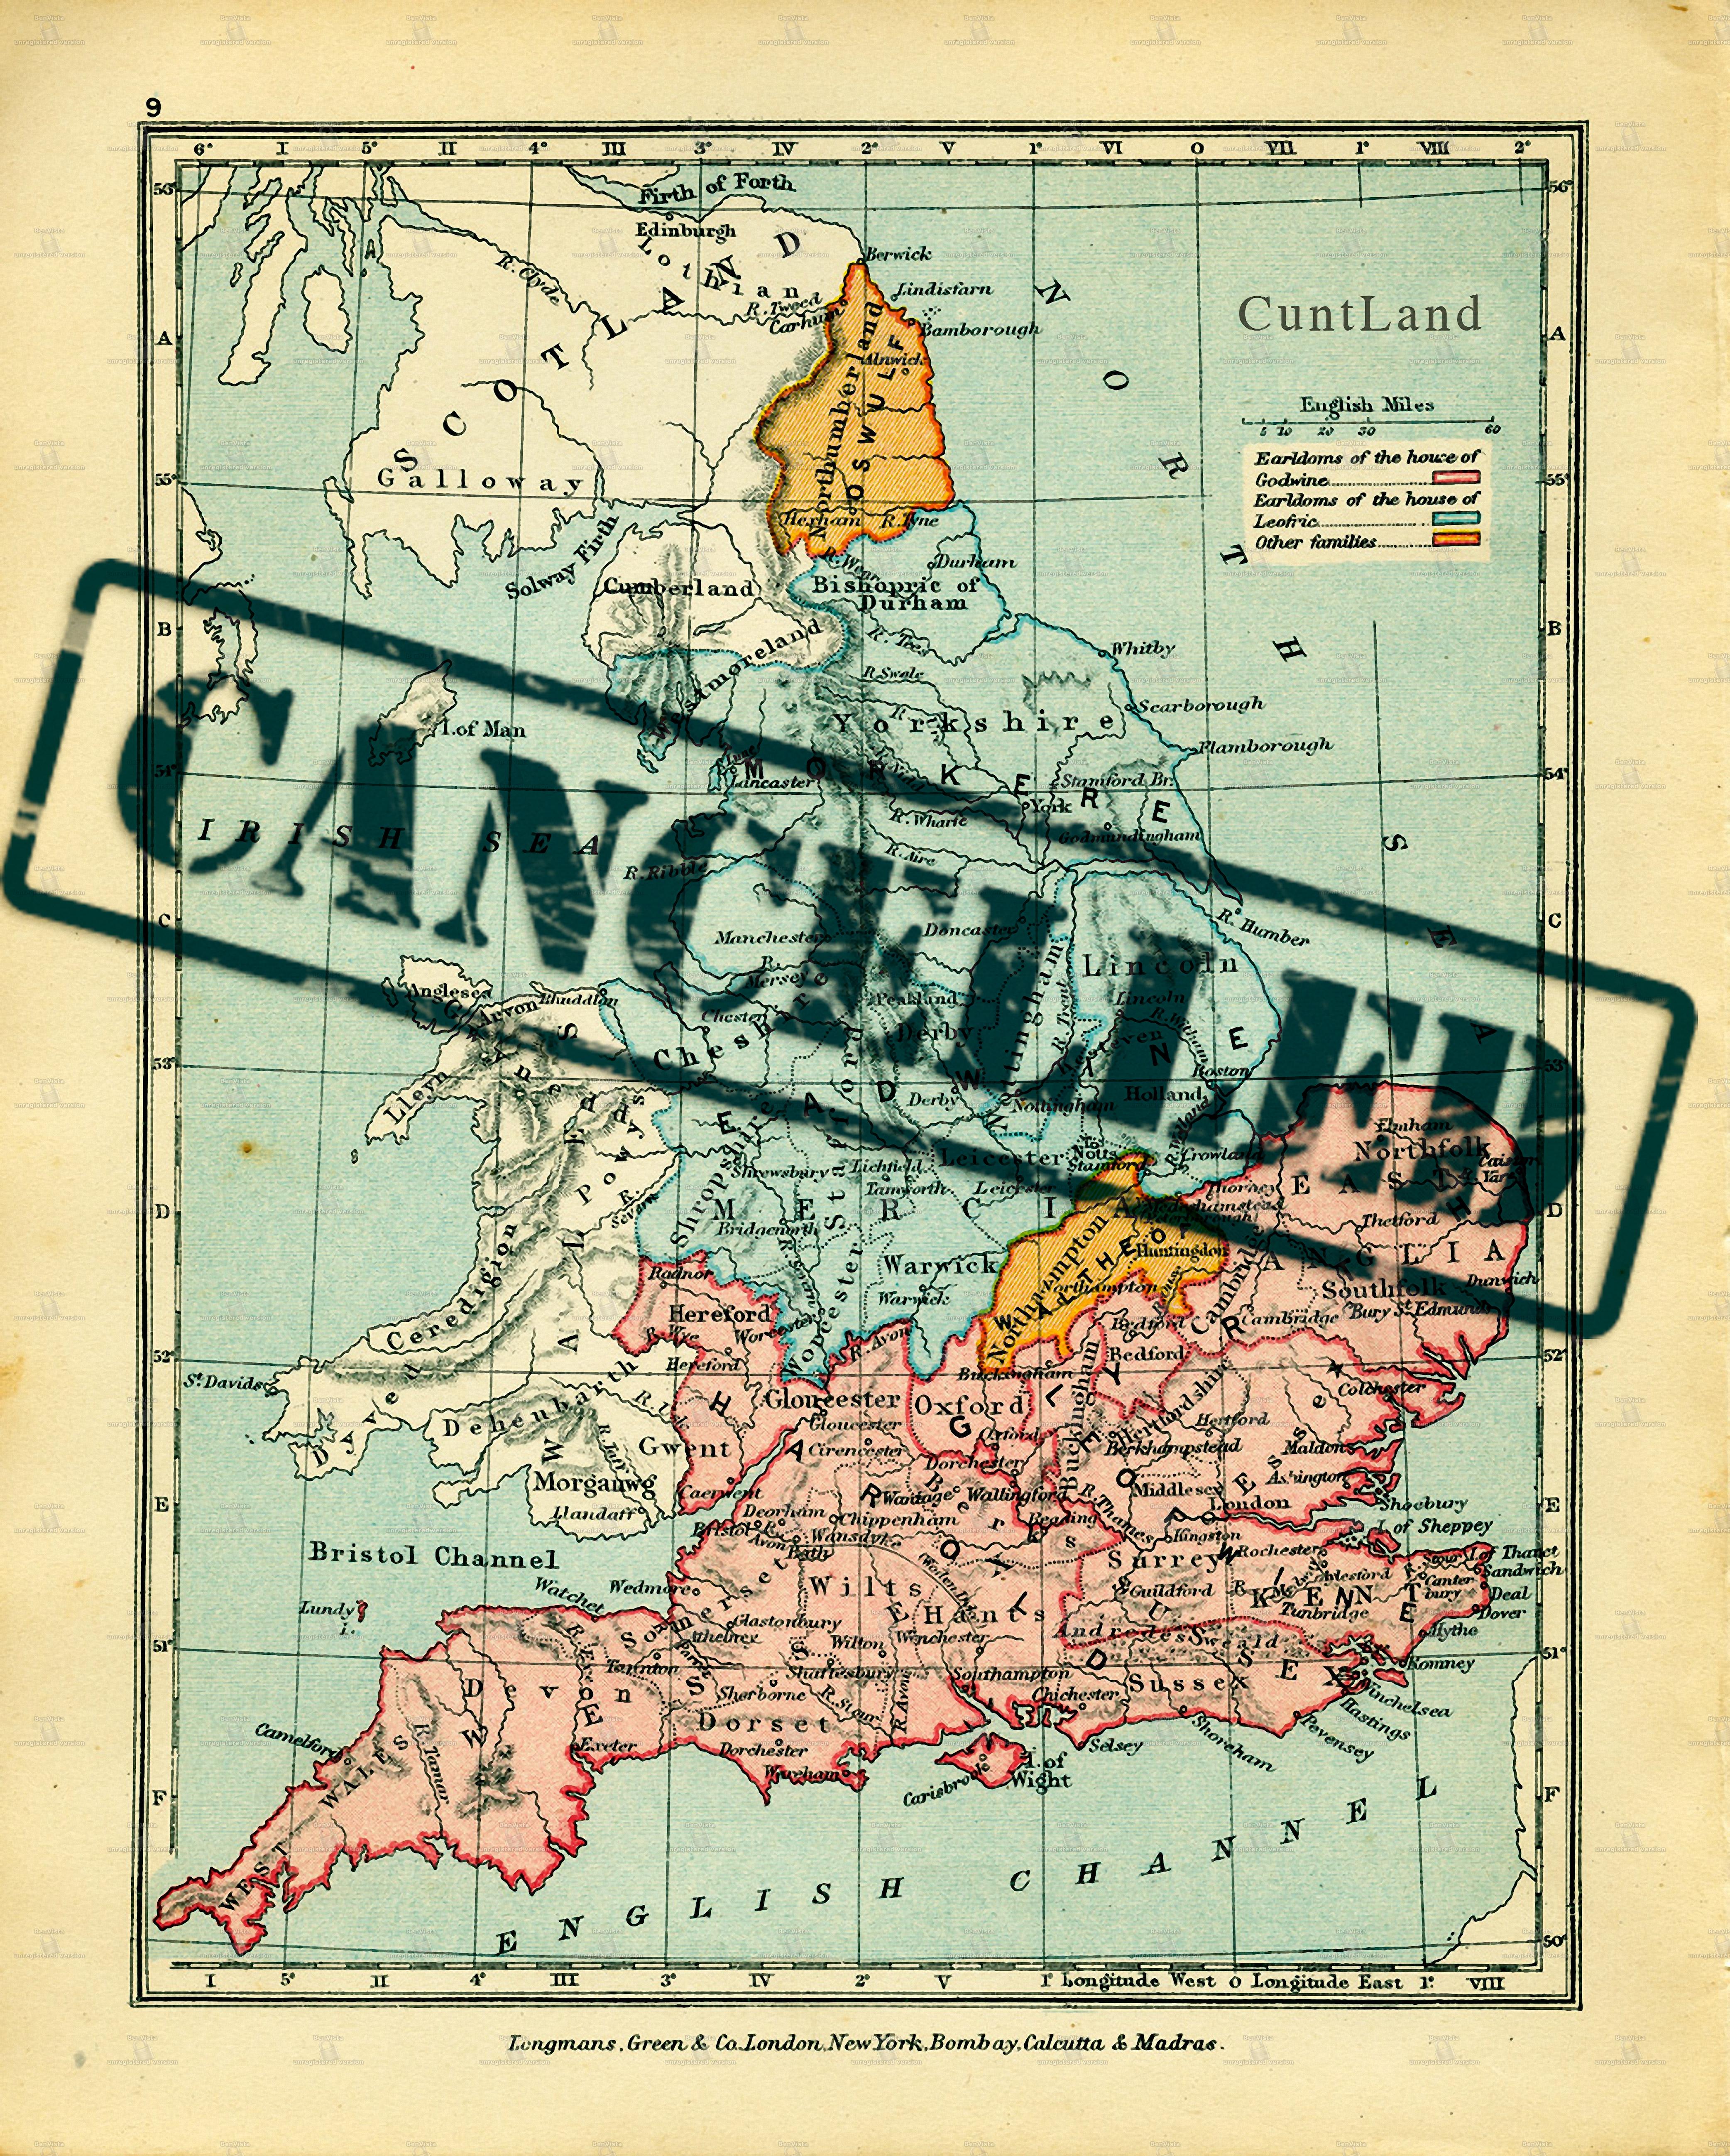 cunt land (canceled)